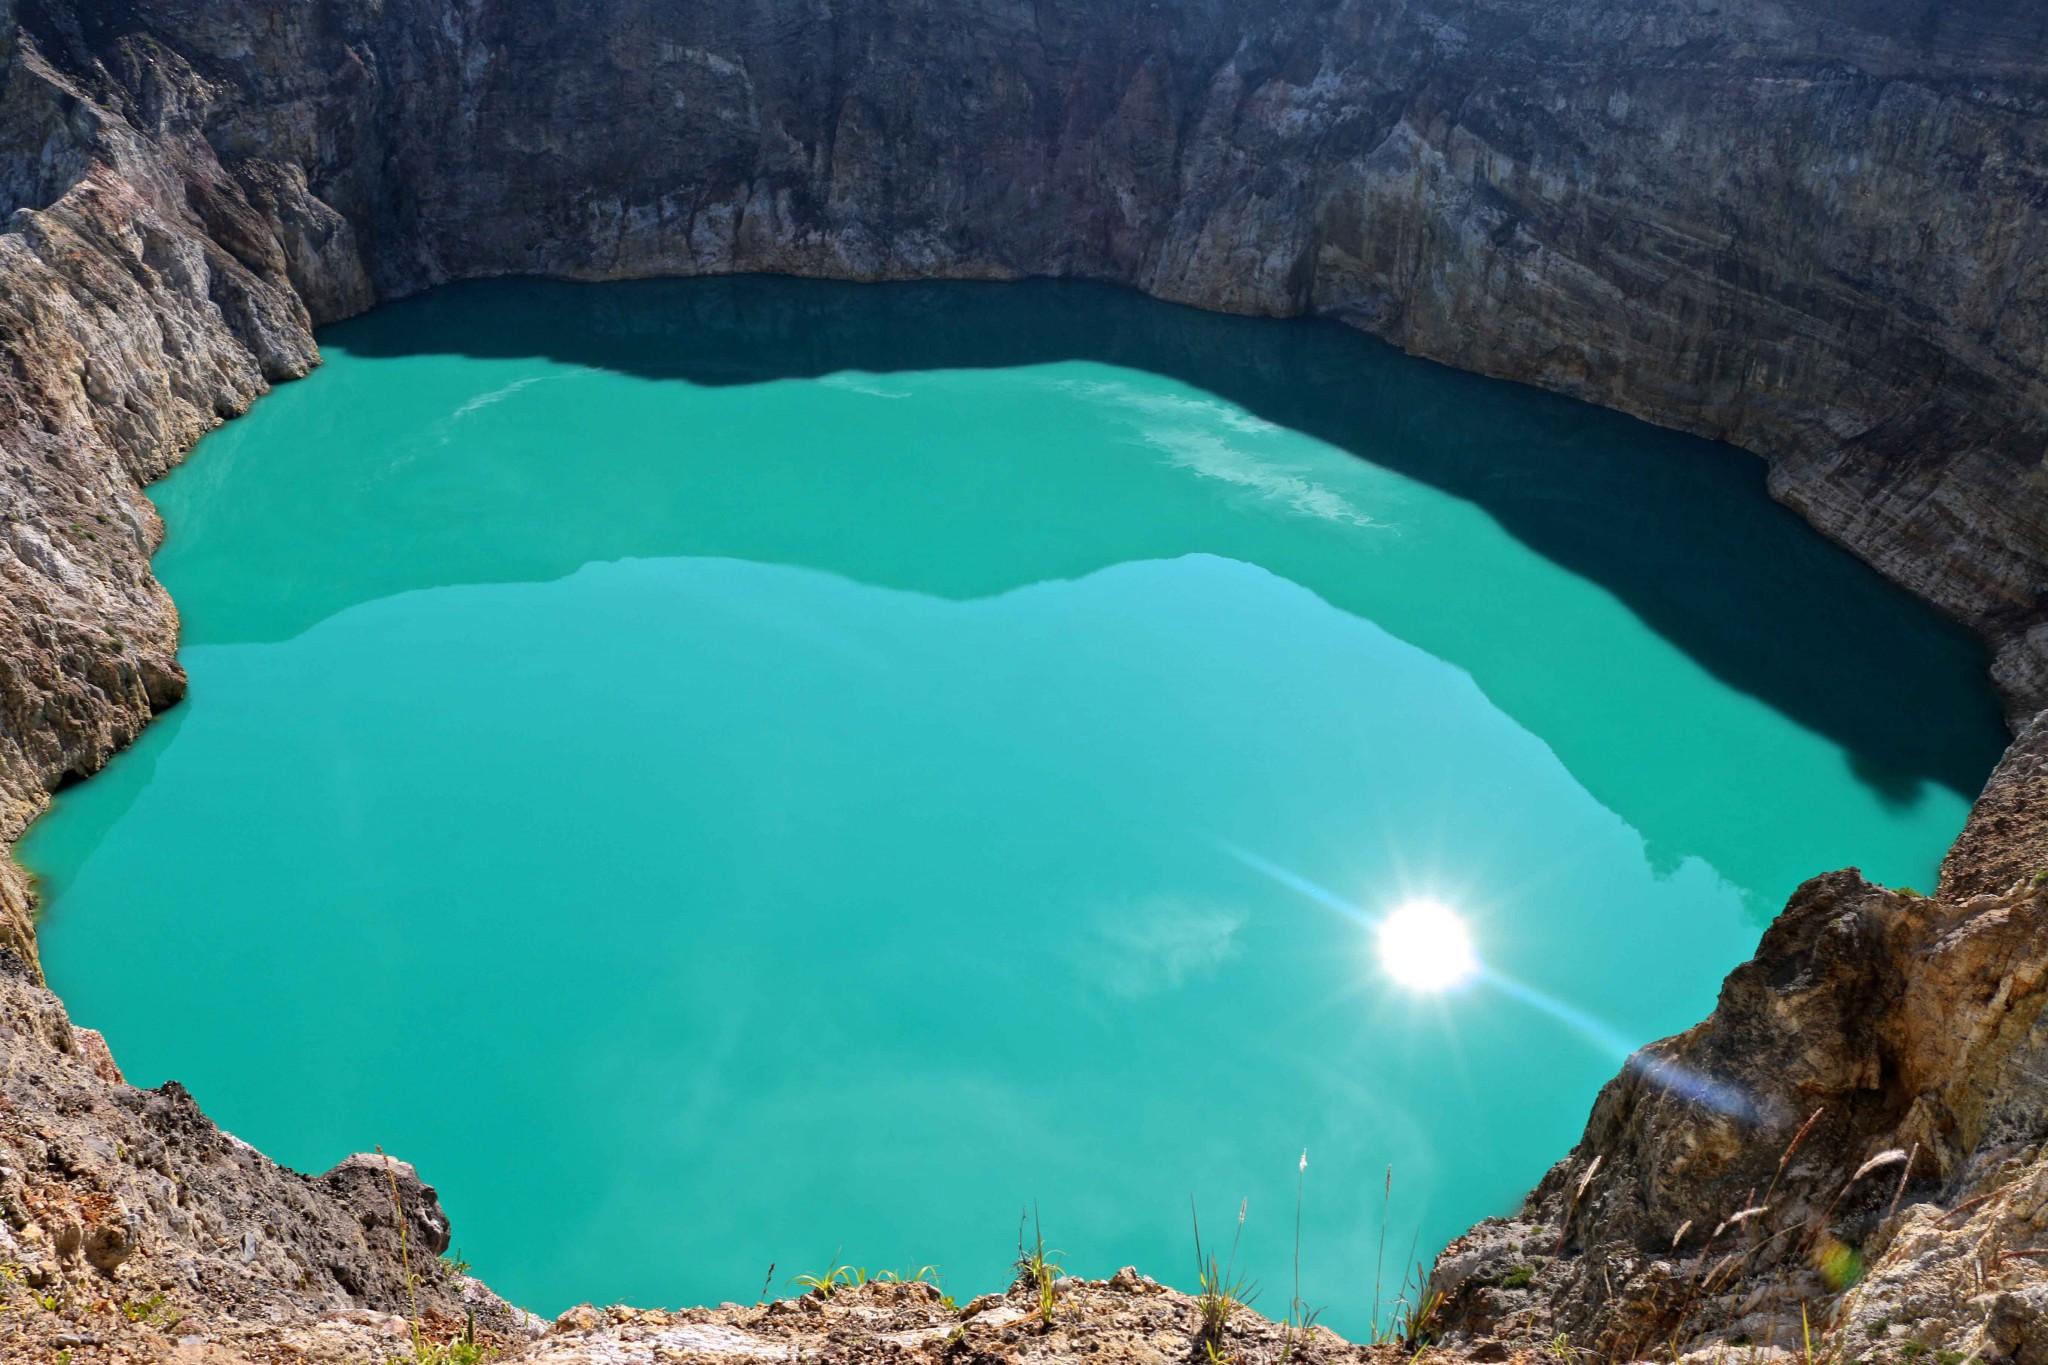 kelimutu-kratersjoar